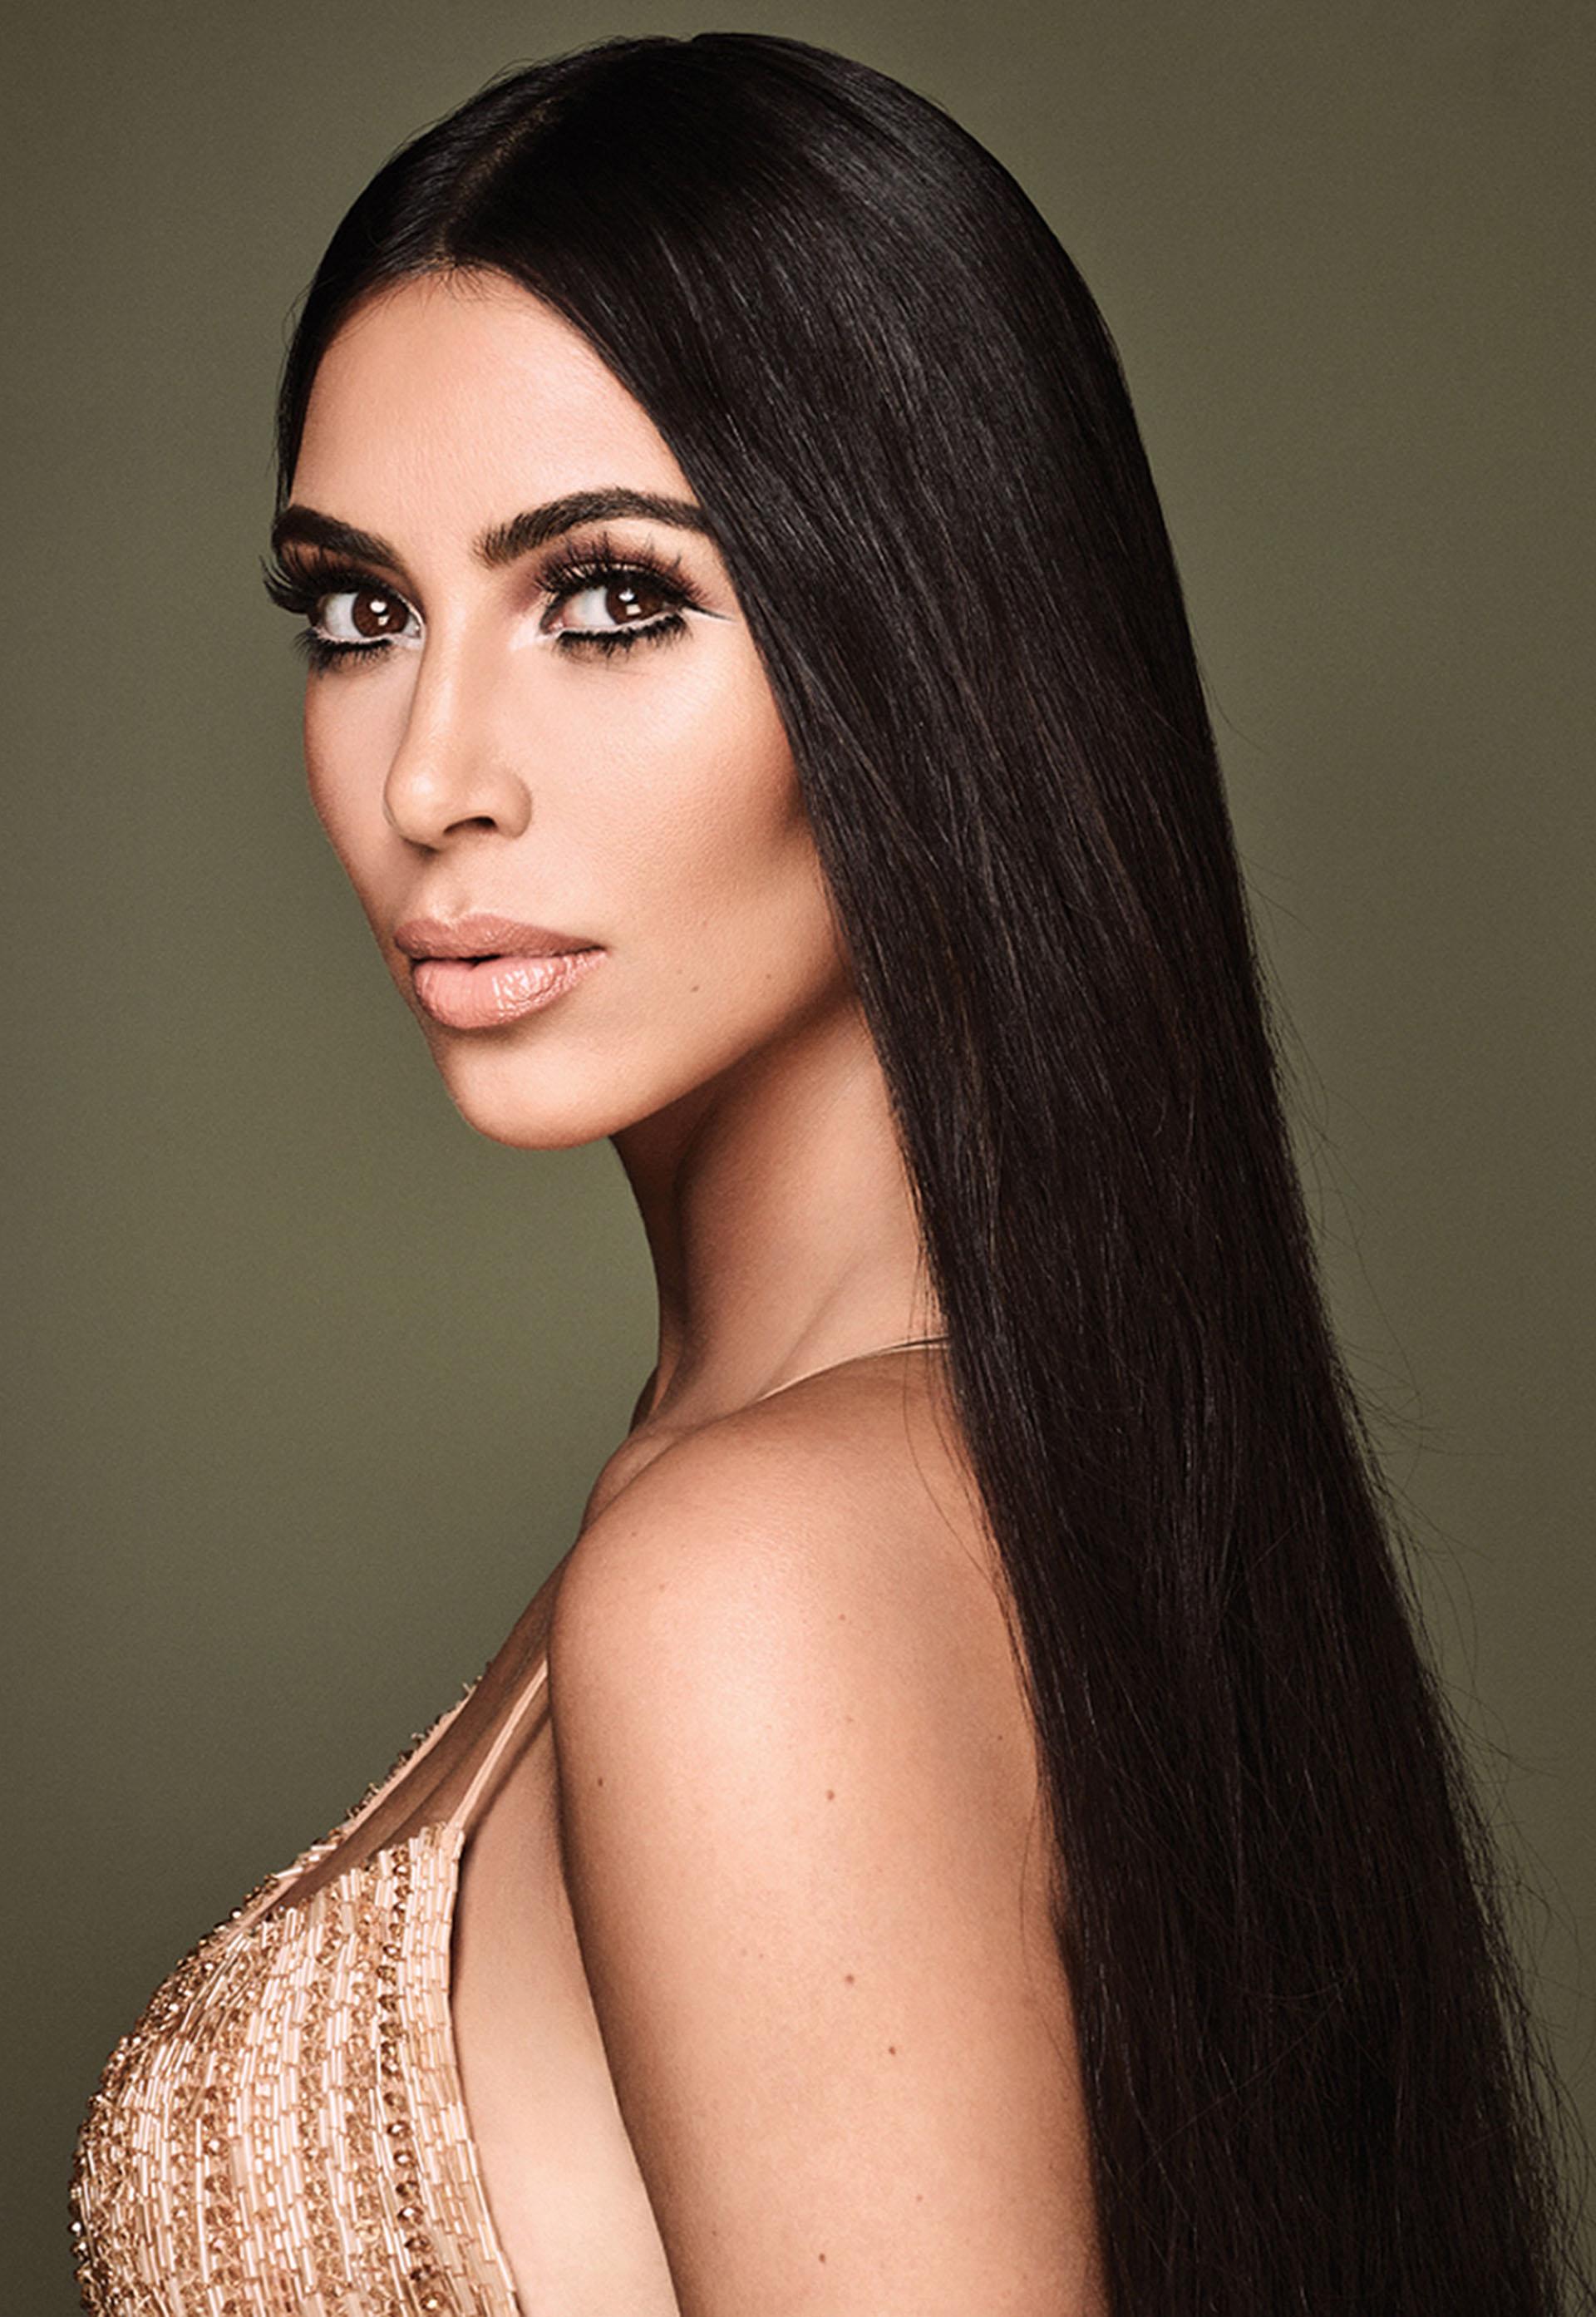 Kim Kardashian, una de las pioneras en el mundo Hollywoodense en usar en exceso las pestañas postizas y resaltar su mirada (Grosby Group)